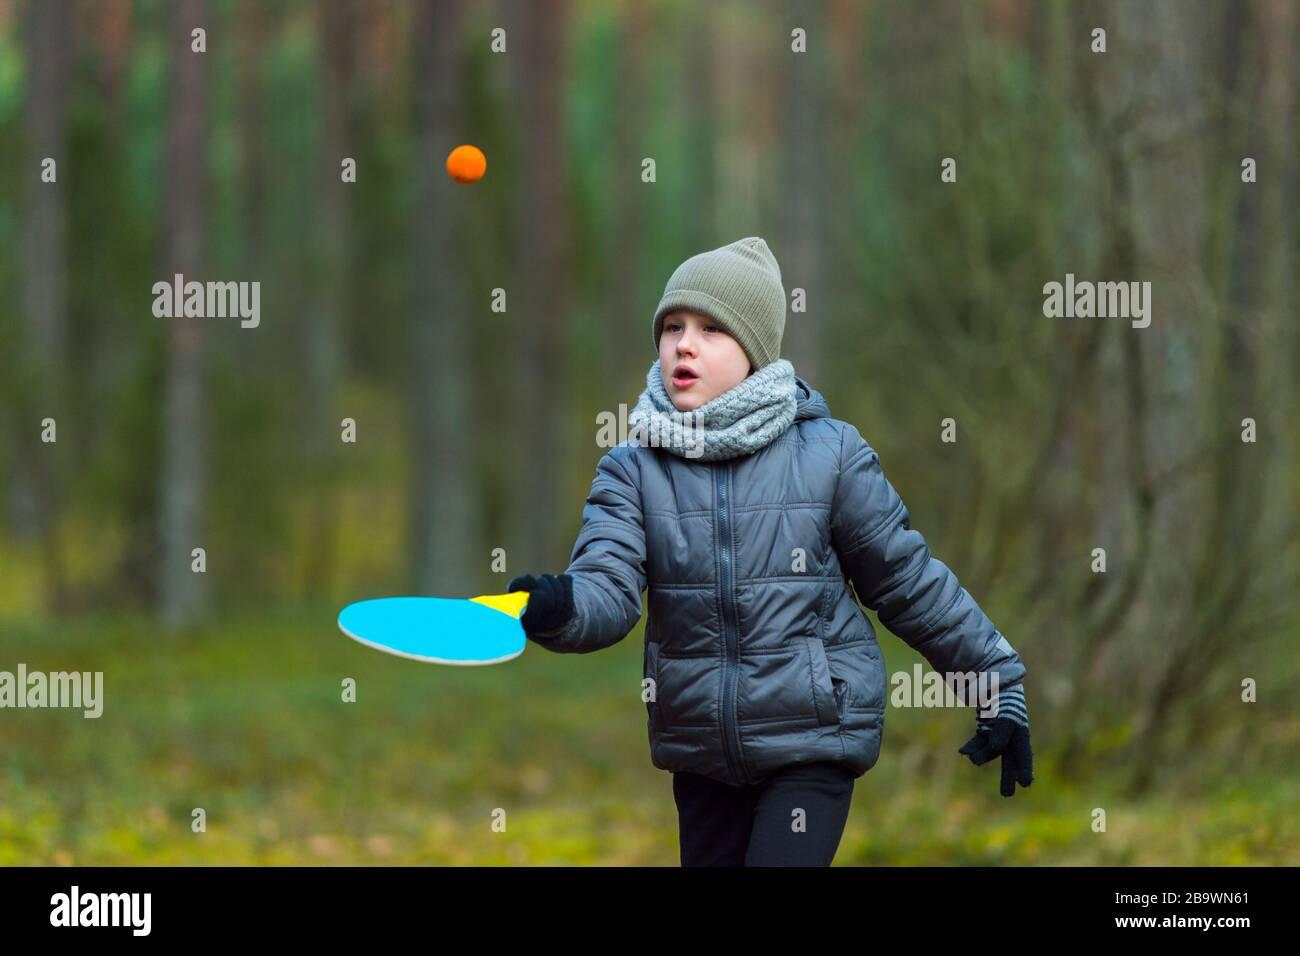 Un niño pequeño con una máscara debido al virus de la corona juega al tenis en el parque. Cuarentena de coronavirus Foto de stock